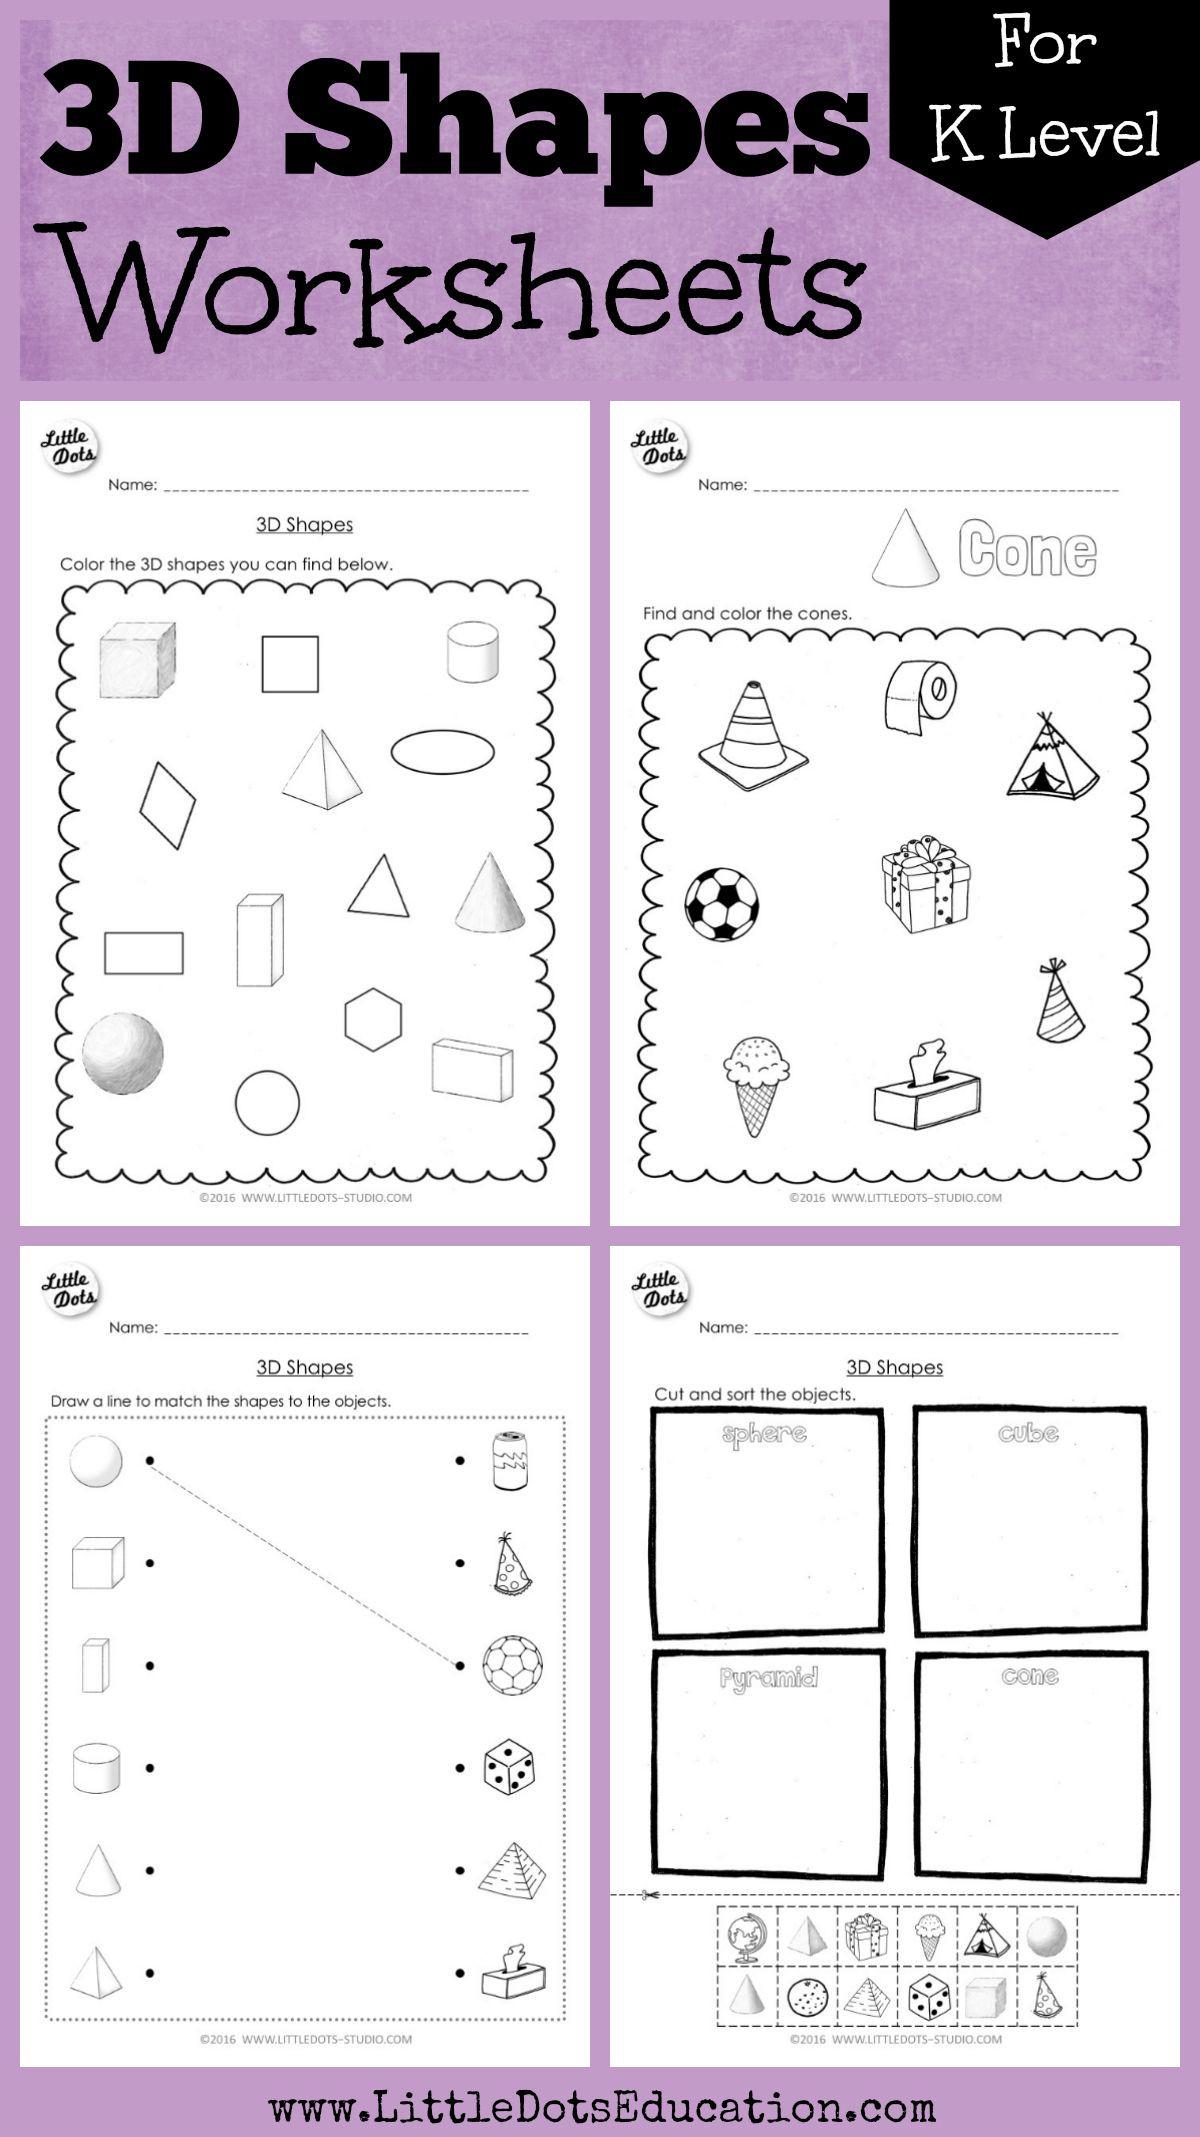 Sorting Shapes Worksheets for Kindergarten Kindergarten Math 3d Shapes Worksheets and Activities